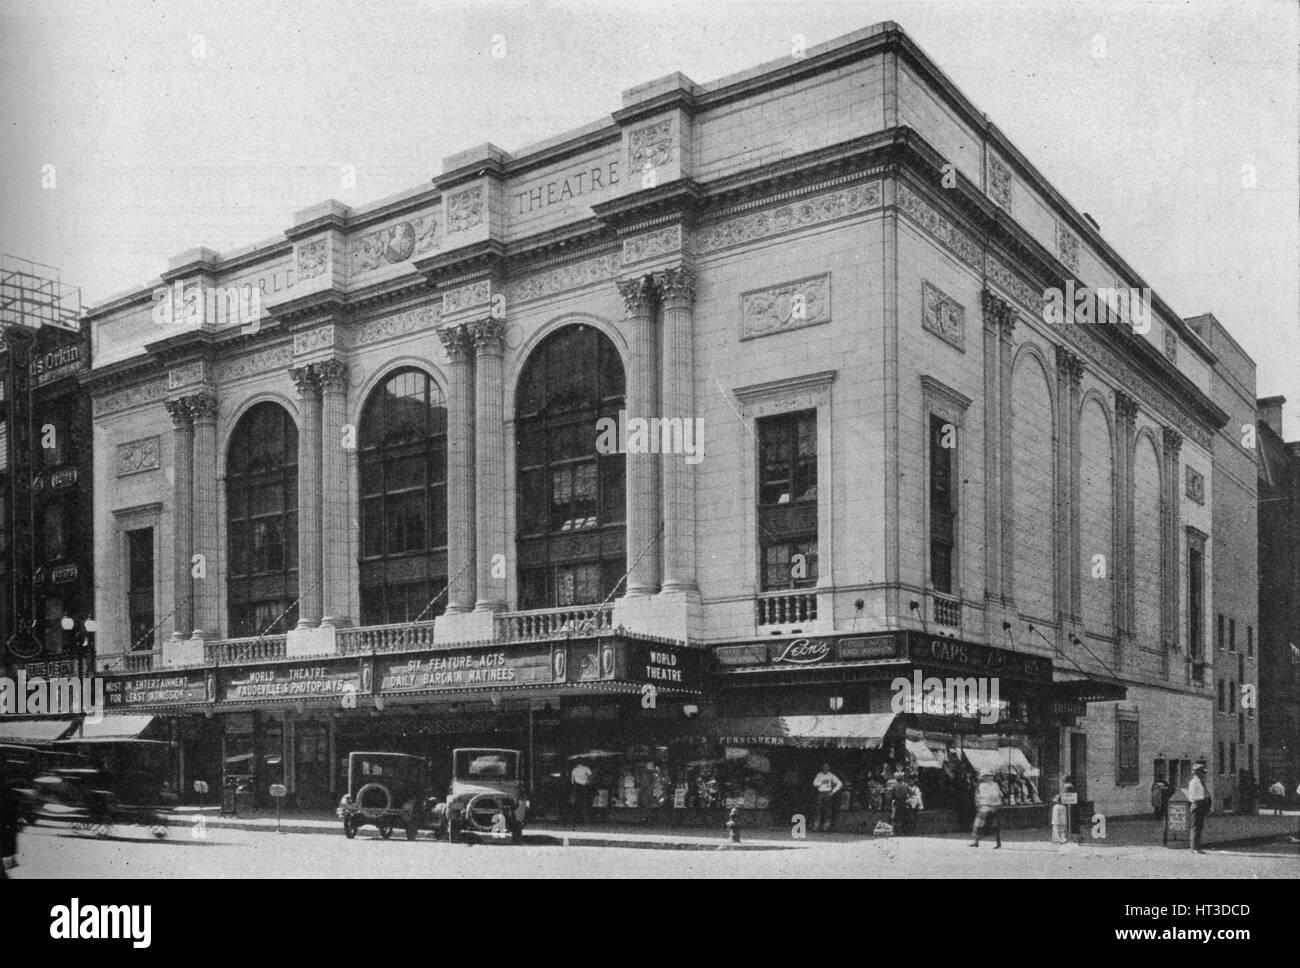 The World Theater, Omaha, Nebraska, 1925. Artist: Unknown. - Stock Image